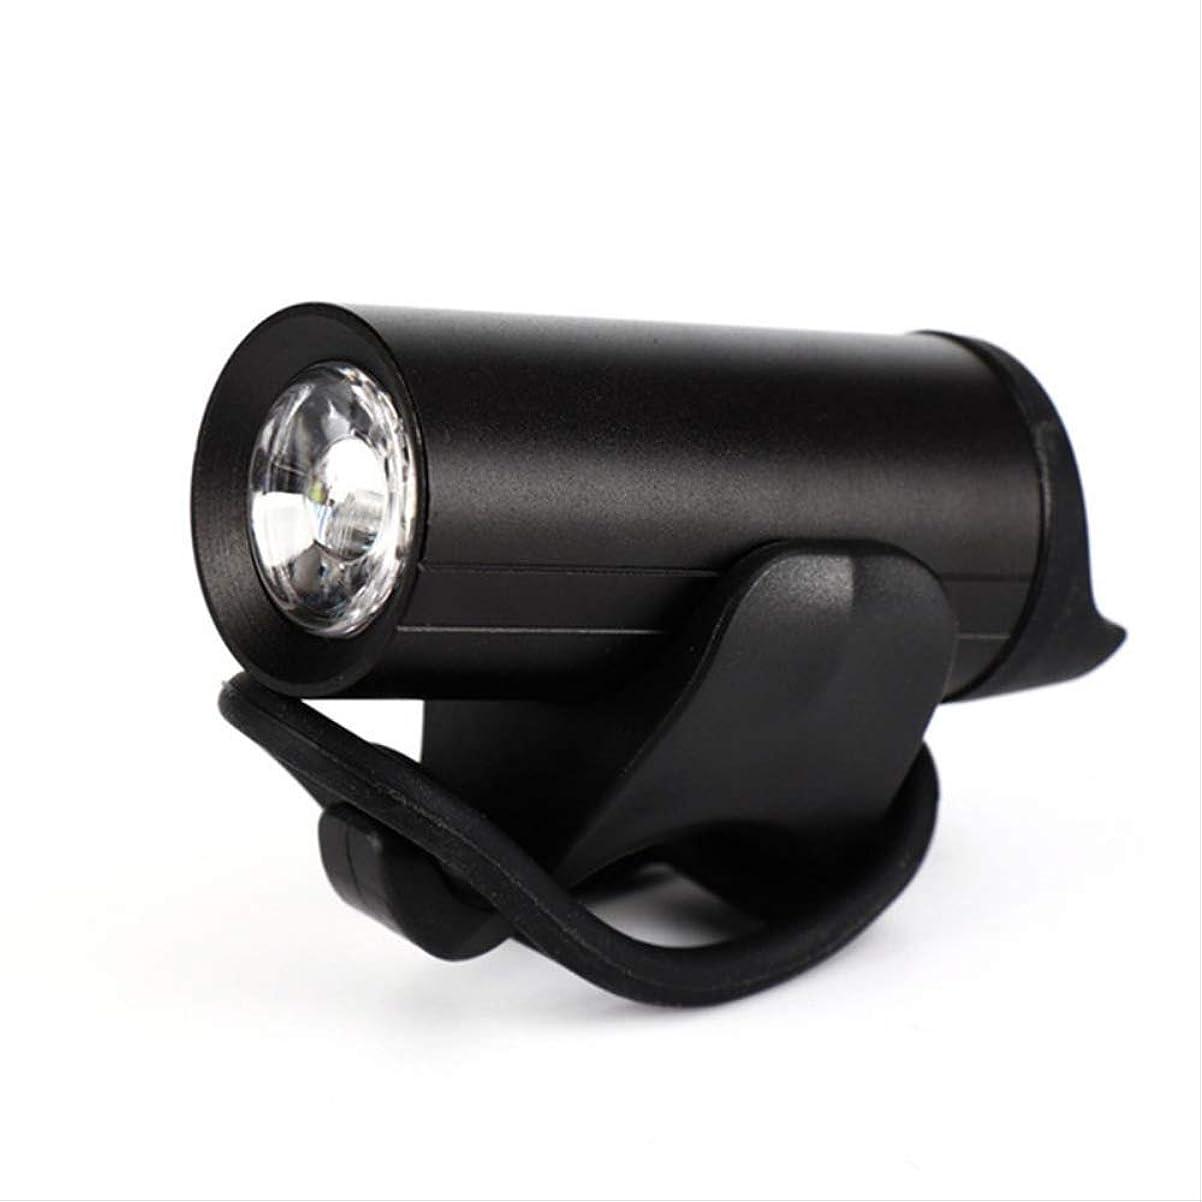 爆発する論争用心LEDバイクライト自転車バイクヘッドライト防水1000ルーメンMtbサイクリングフラッシュライトフロントLedトーチライトバイクアクセサリー